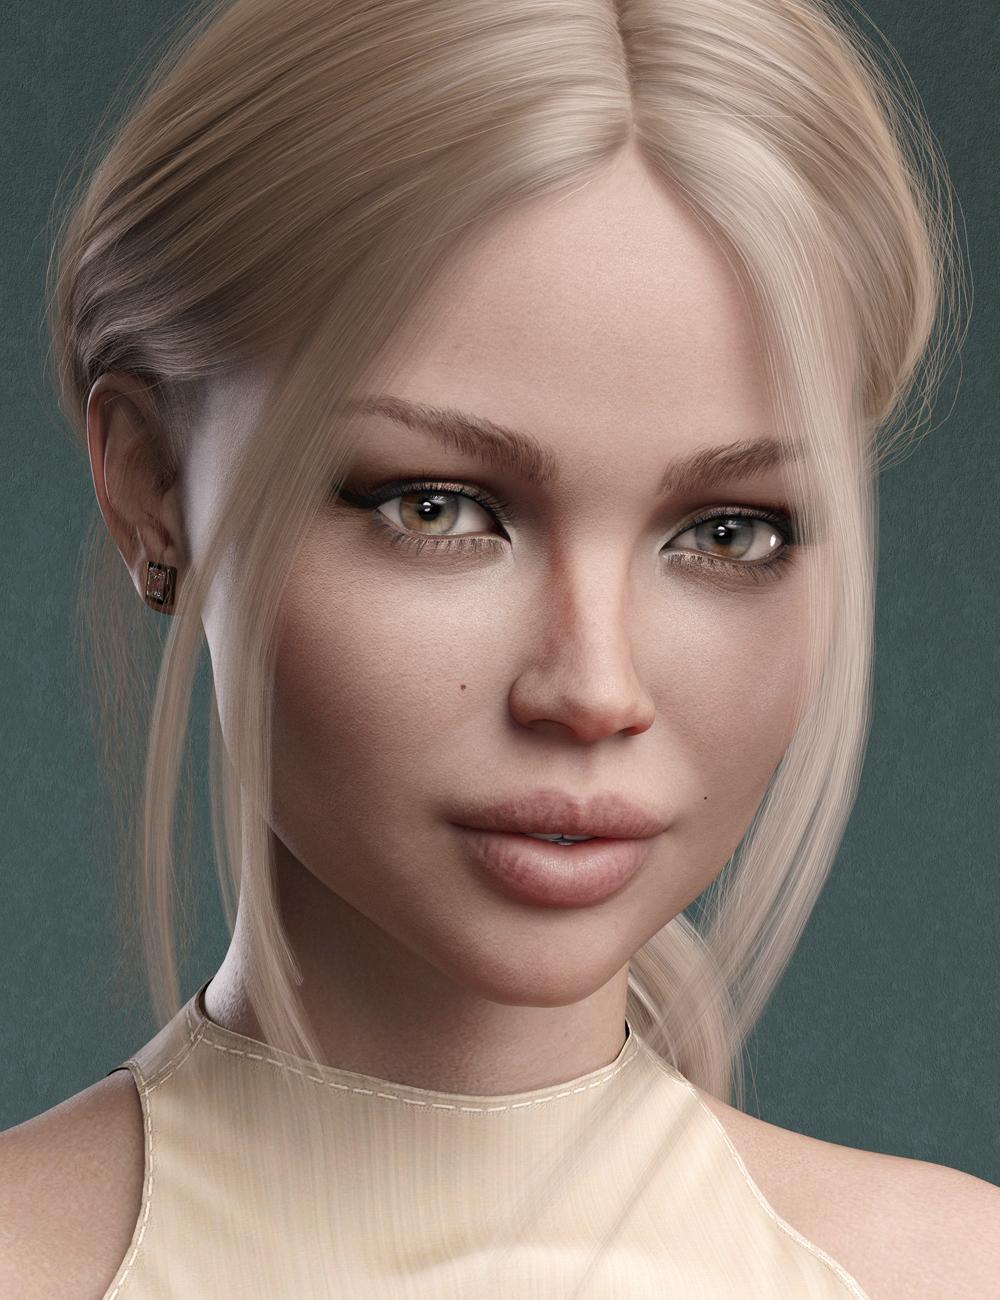 Norina HD for Genesis 8 Female by: Emrys, 3D Models by Daz 3D